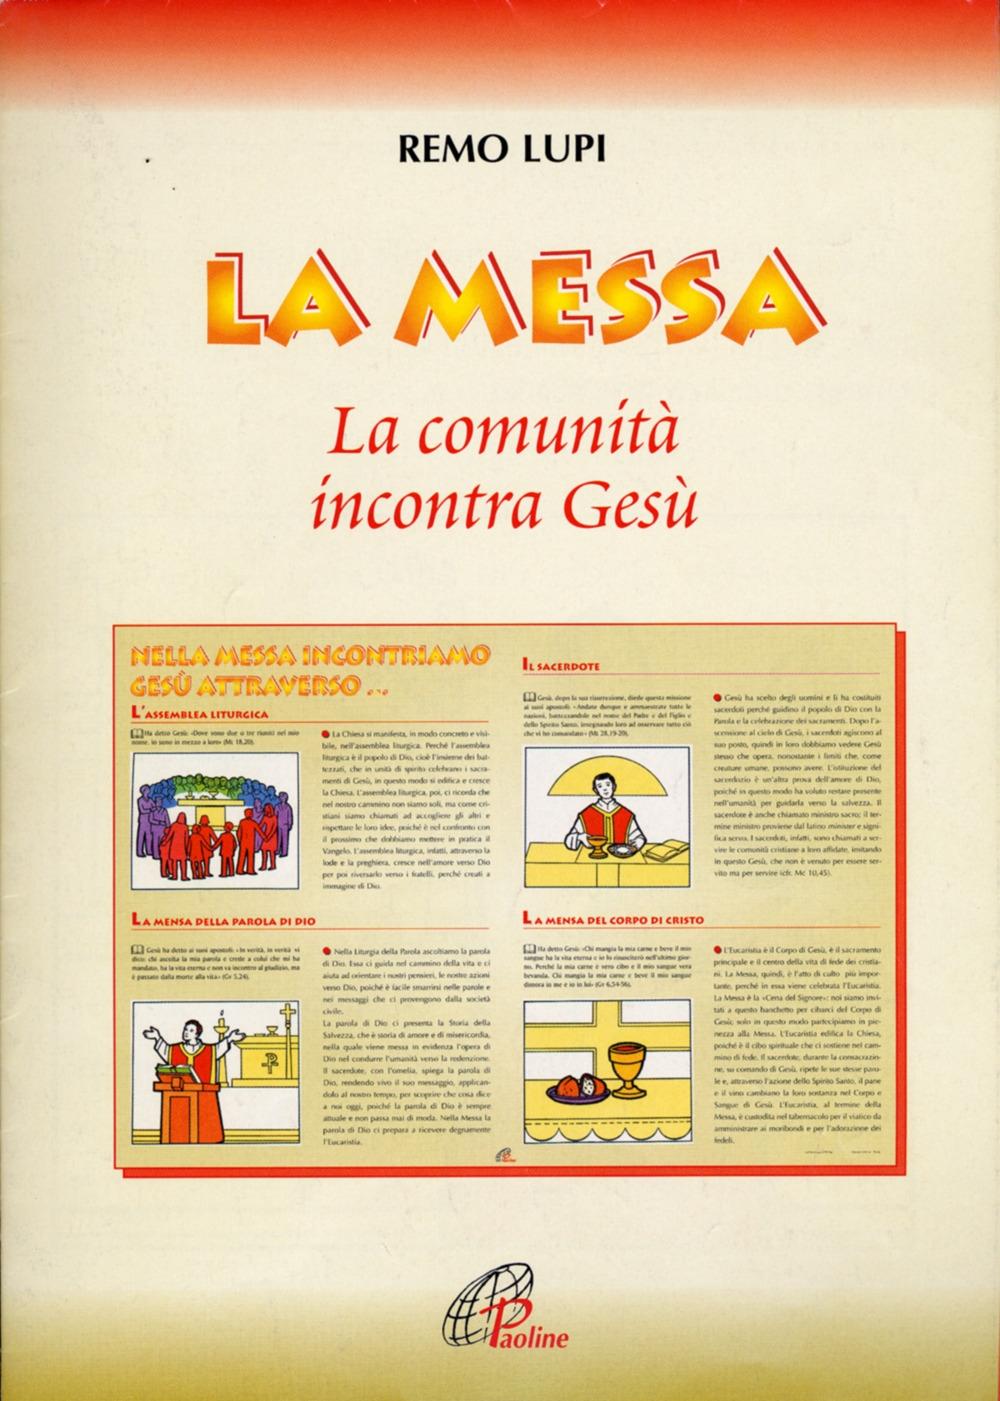 La Messa. La comunità incontra Gesù